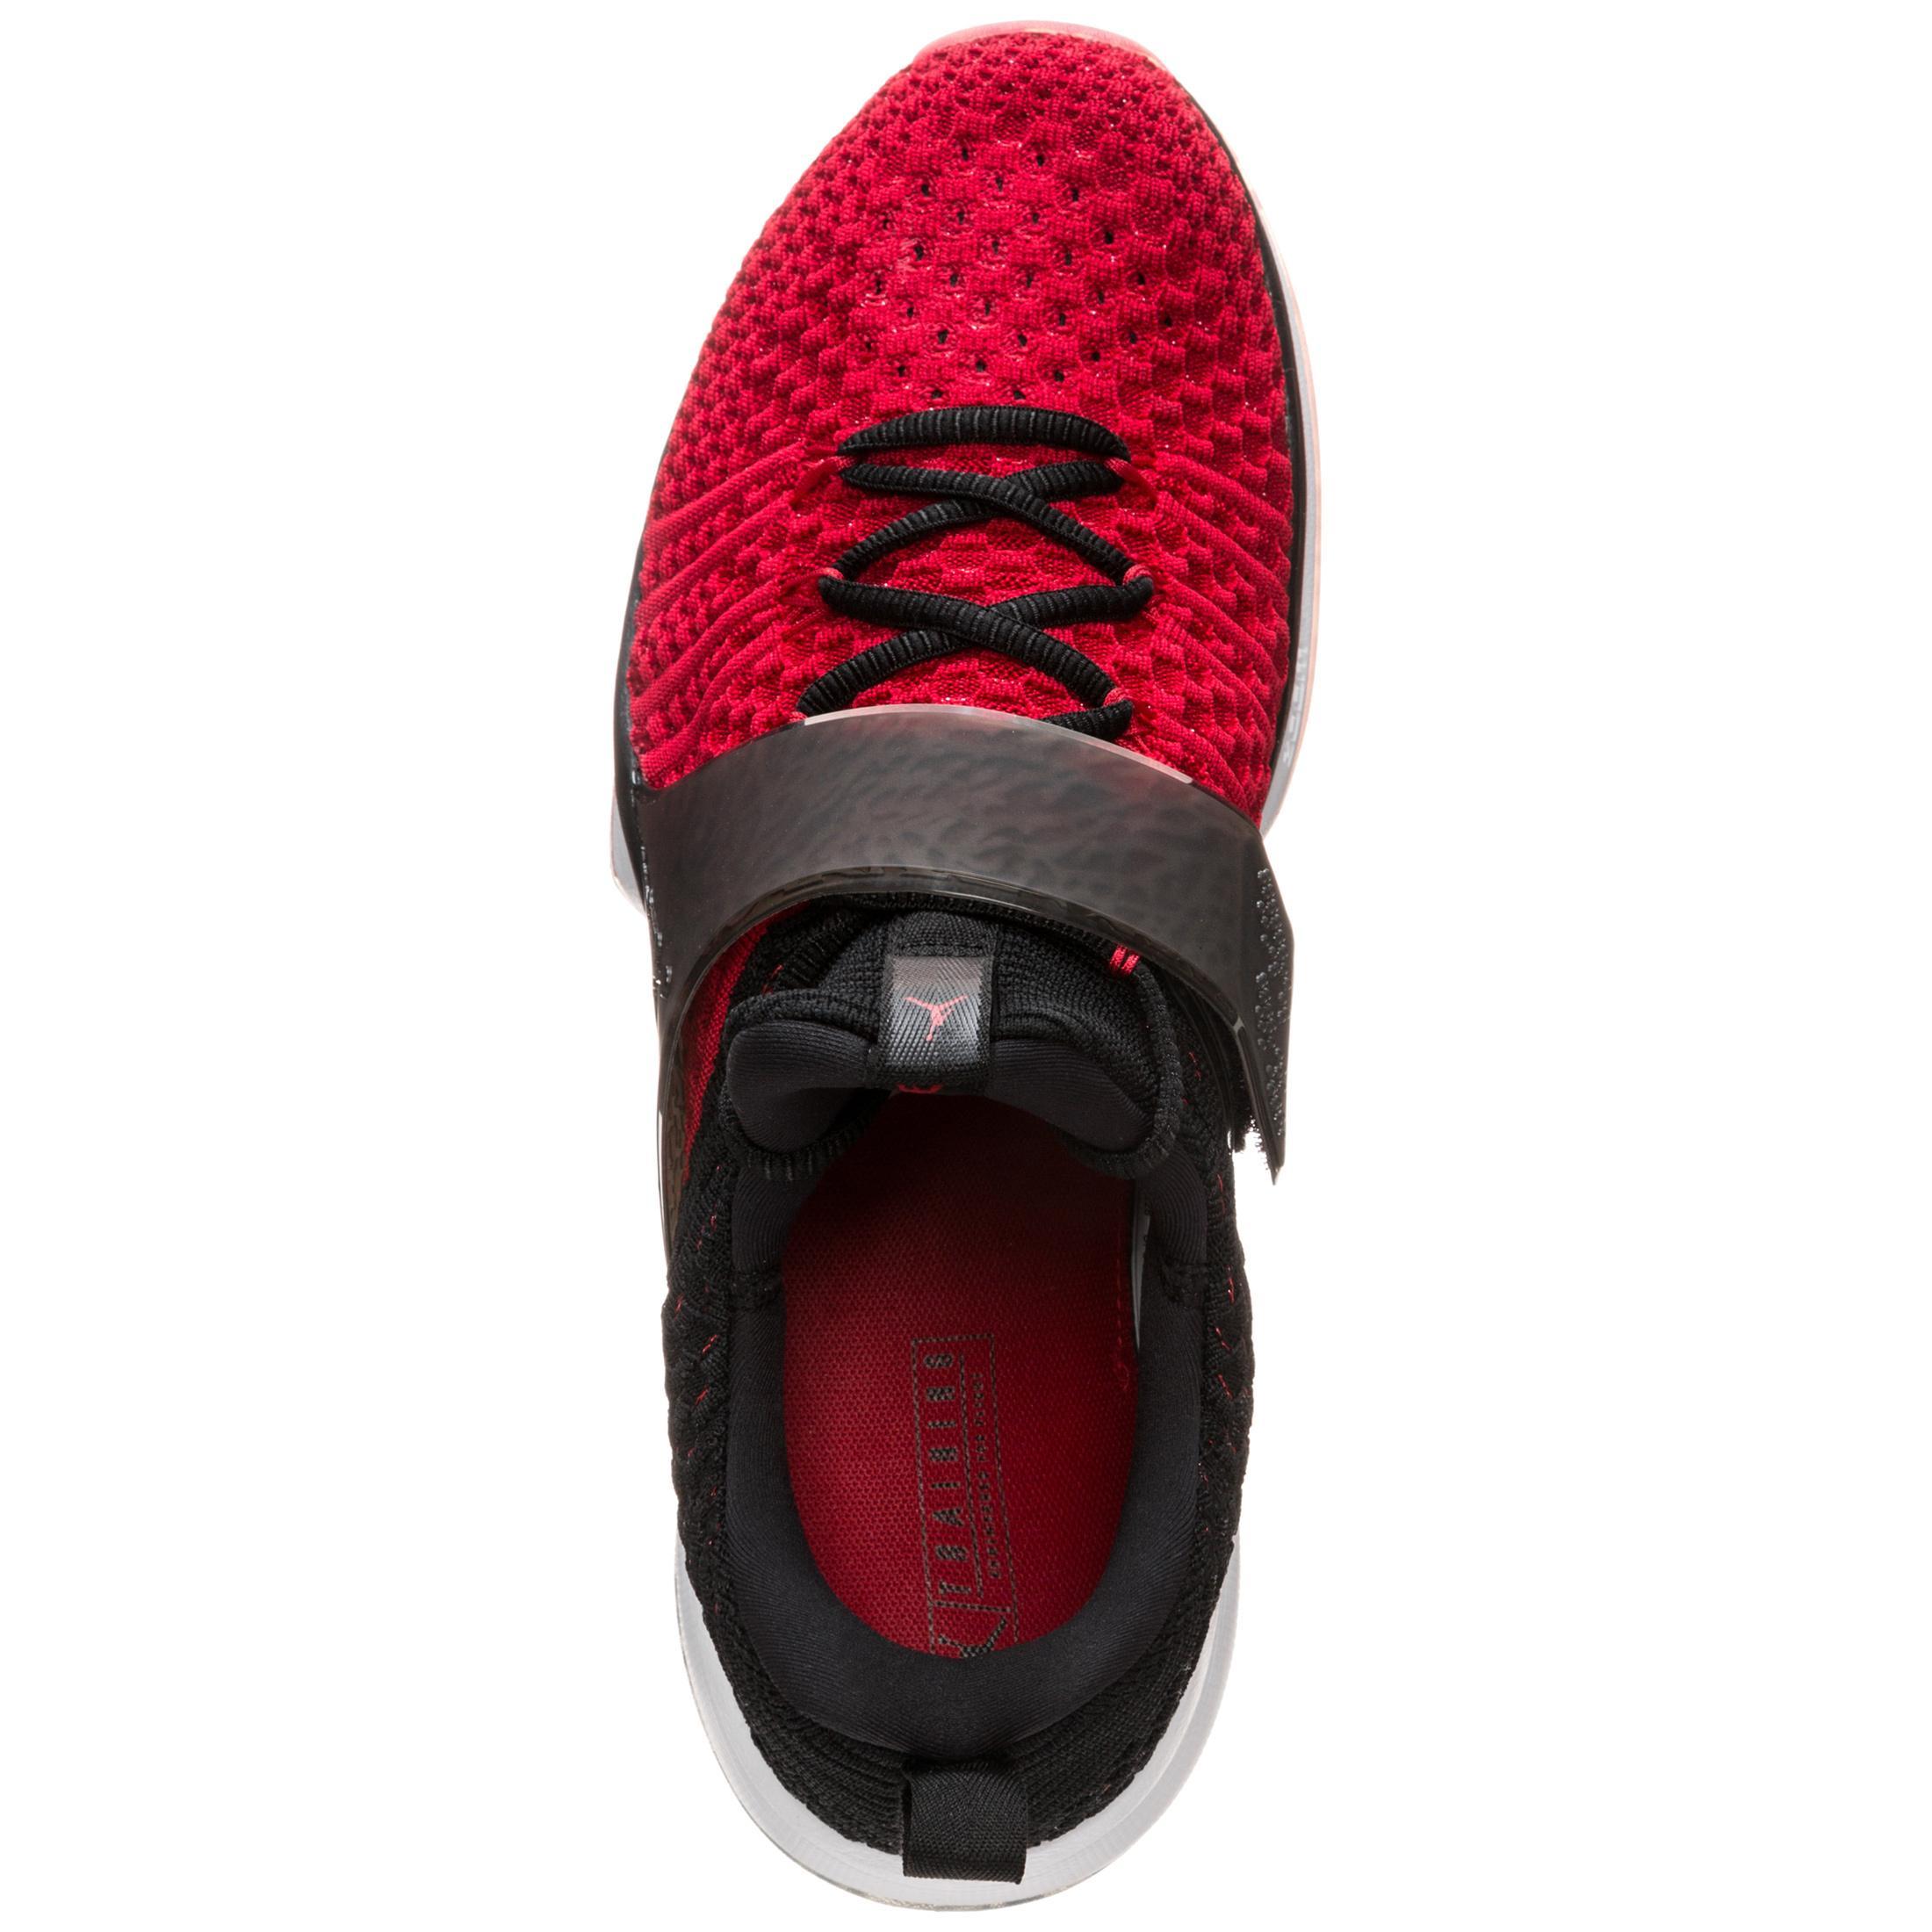 Nike Jordan Trainer 2 Flyknit Fitnessschuhe Fitnessschuhe Fitnessschuhe Herren rot   schwarz im Online Shop von SportScheck kaufen Gute Qualität beliebte Schuhe b85d4e